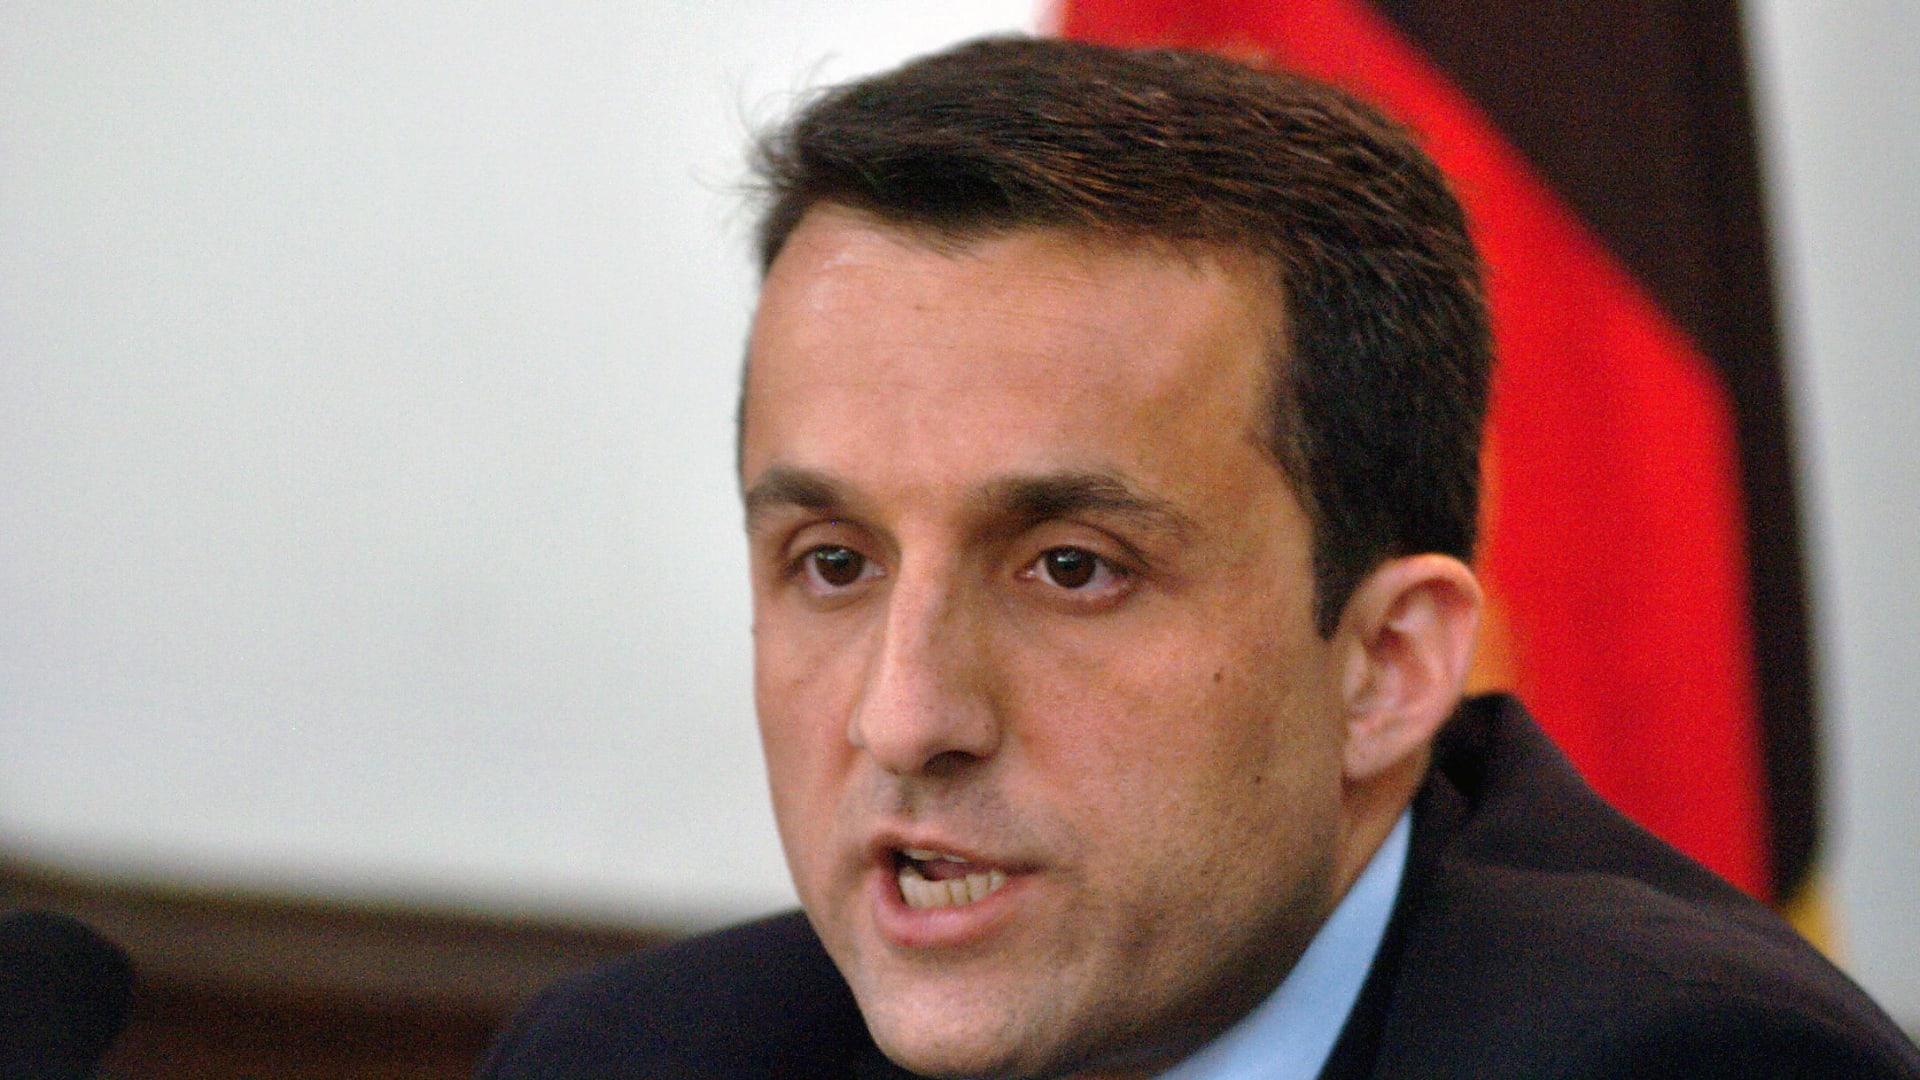 أمر الله صالح يدعو الأفغان للانضمام للمقاومة: أنا الرئيس الشرعي